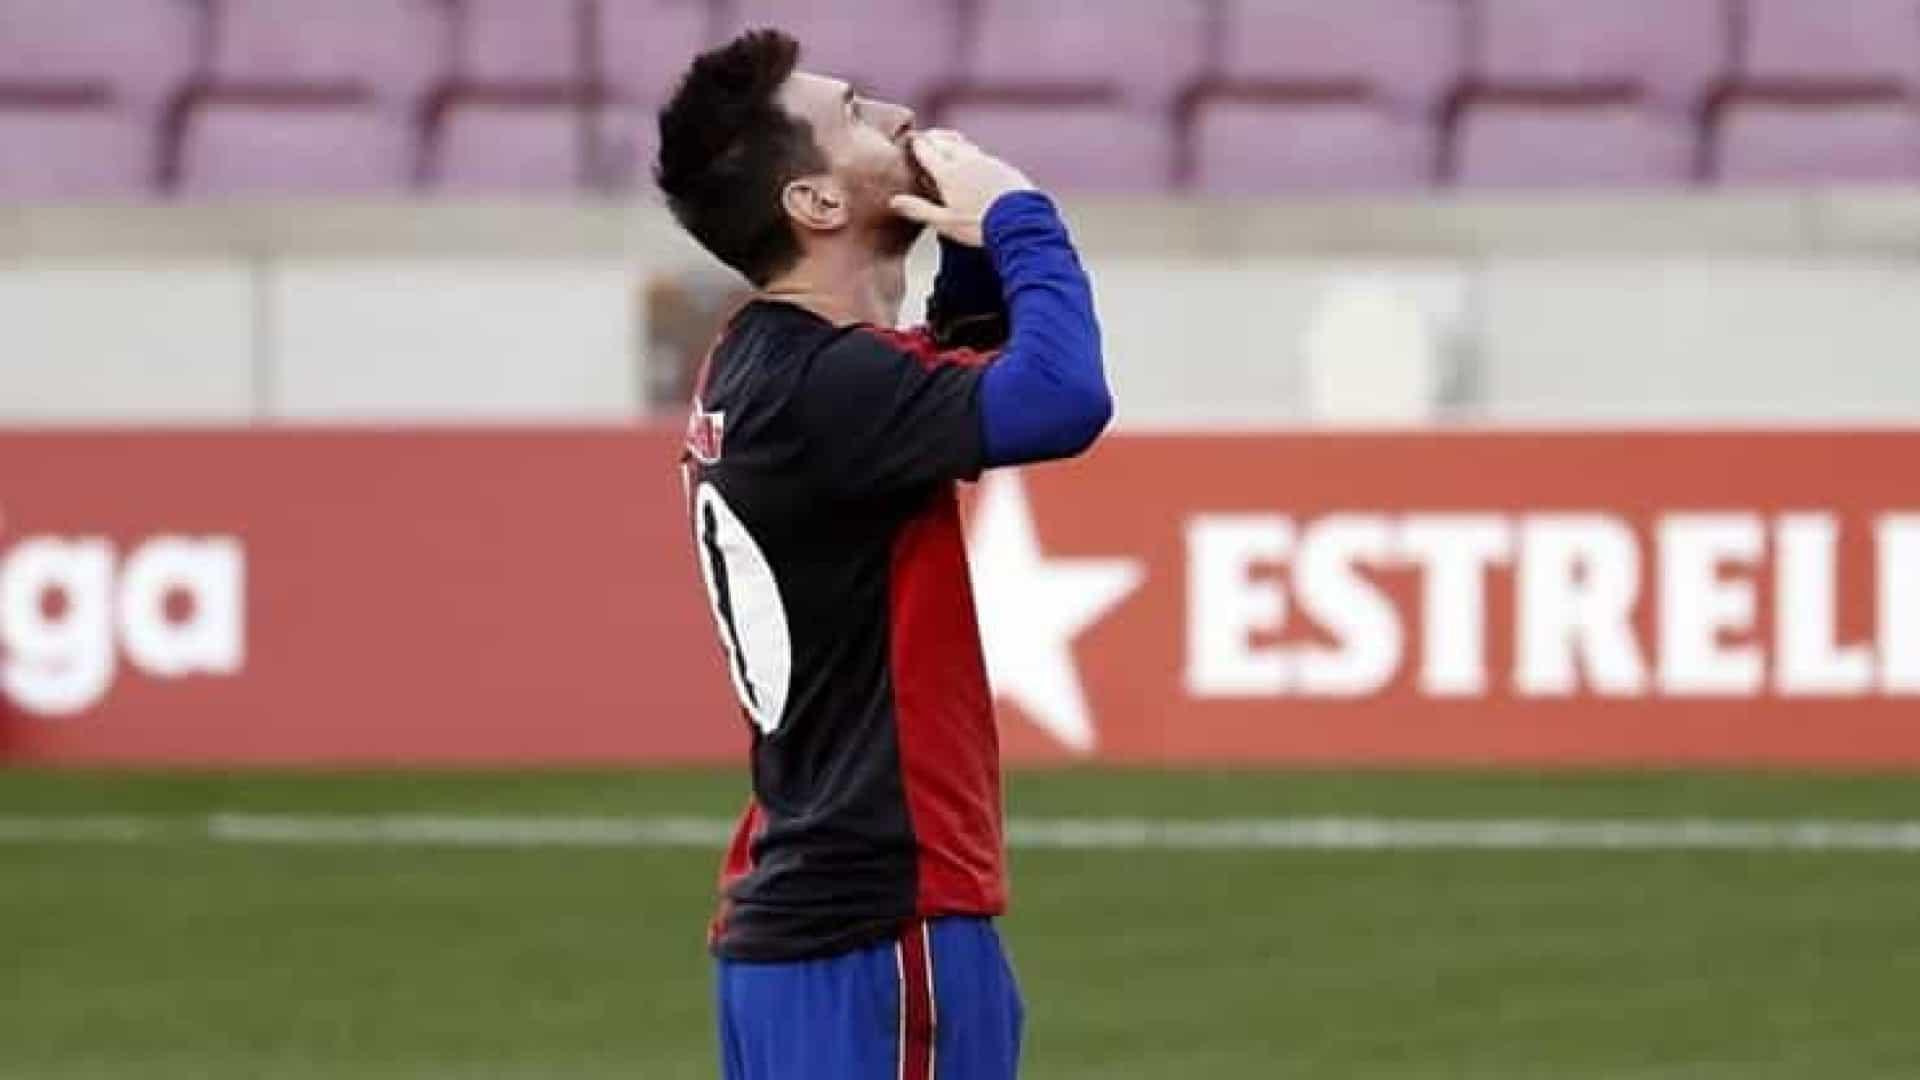 naom 5fc560606129e - Homenagem a Maradona rende advertência e multa de R$ 3,8 mil a Messi na Espanha